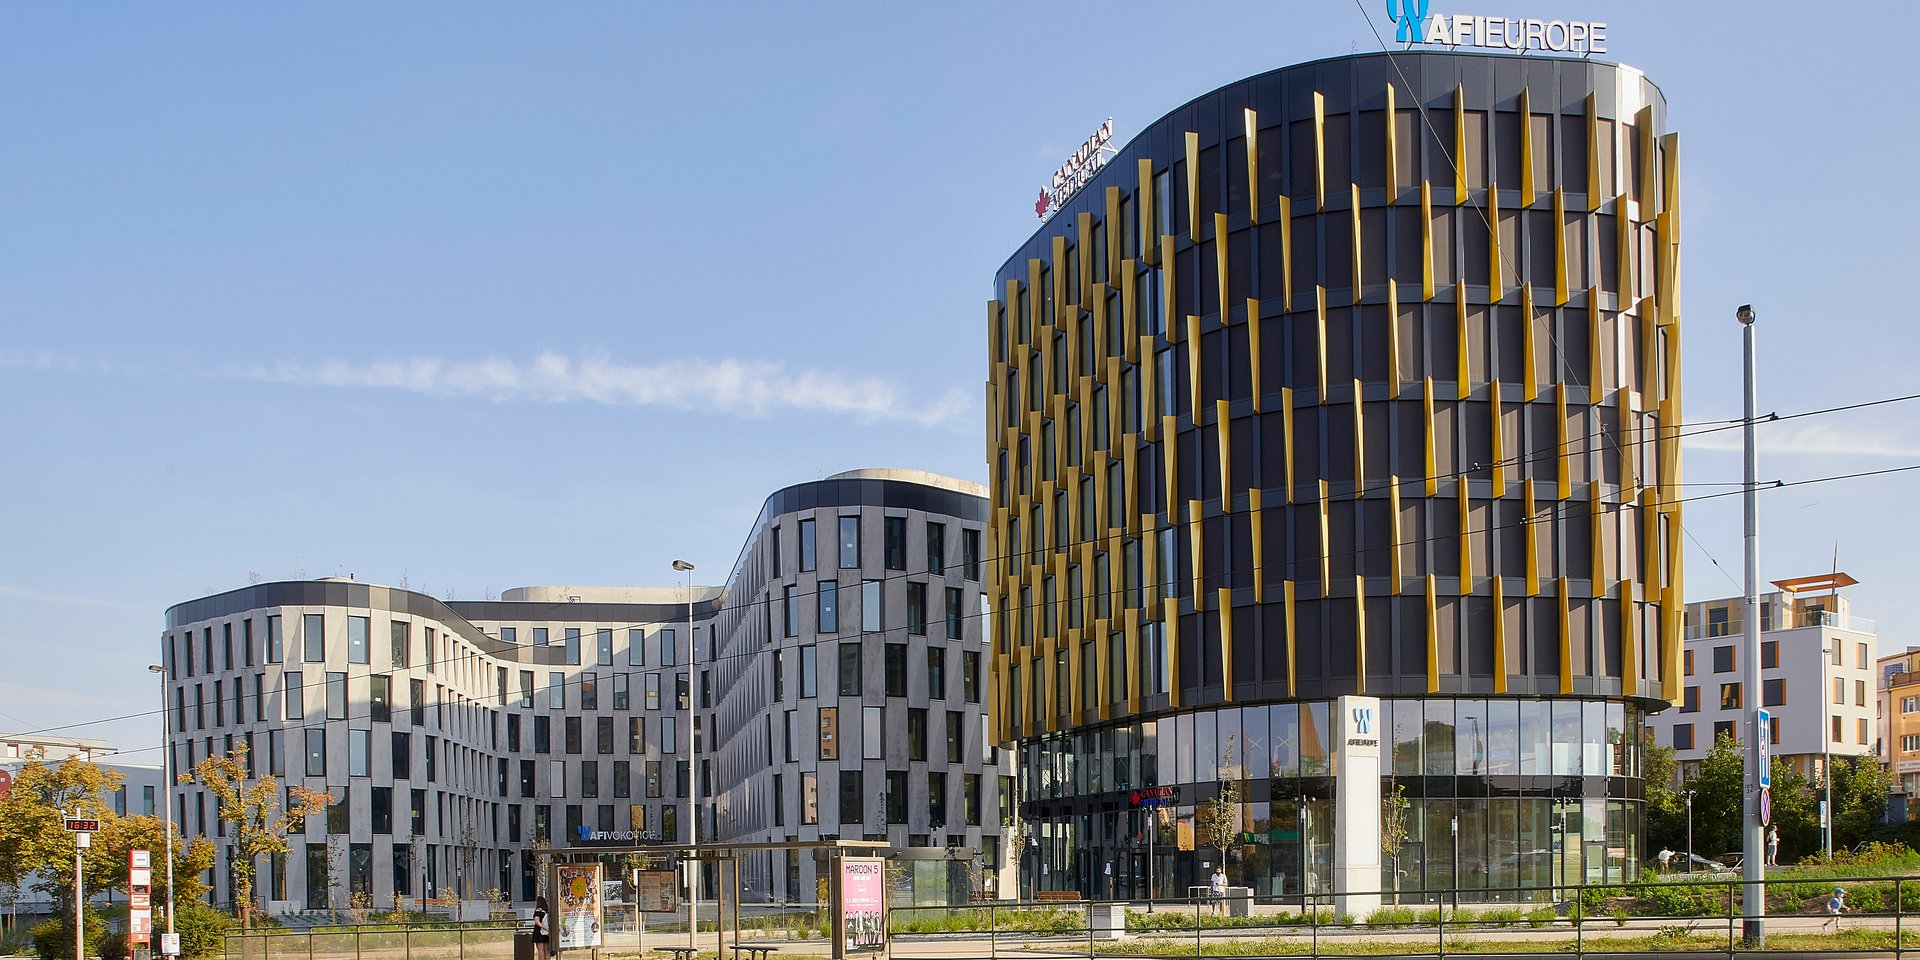 Developeři objevují nové pražské čtvrti. Pro kanceláře